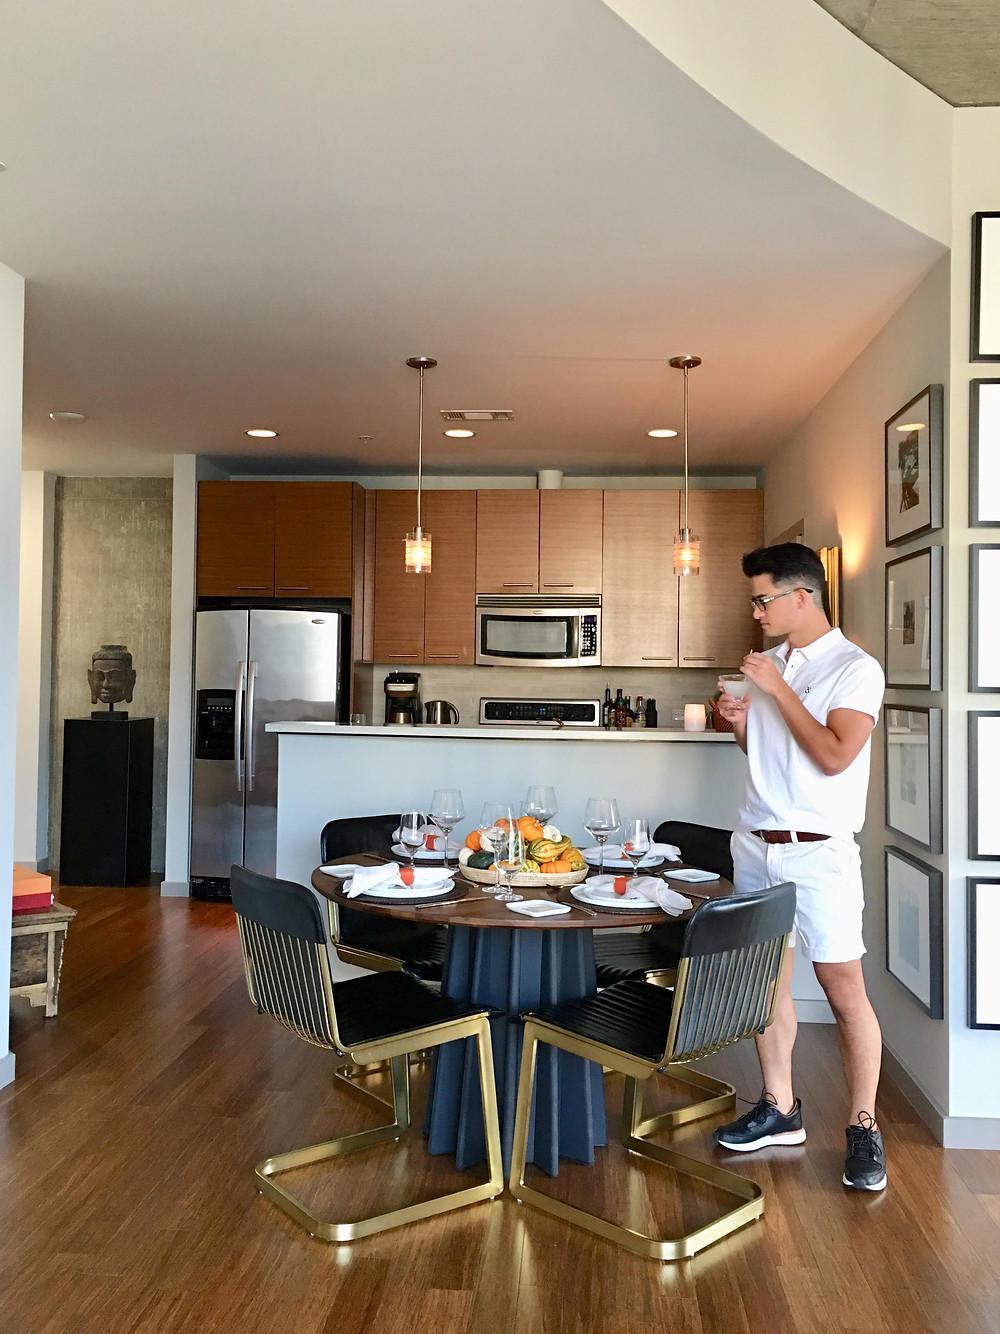 Home | Hello_Francois | Dallas Men's Fashion & Lifestyle Blogger